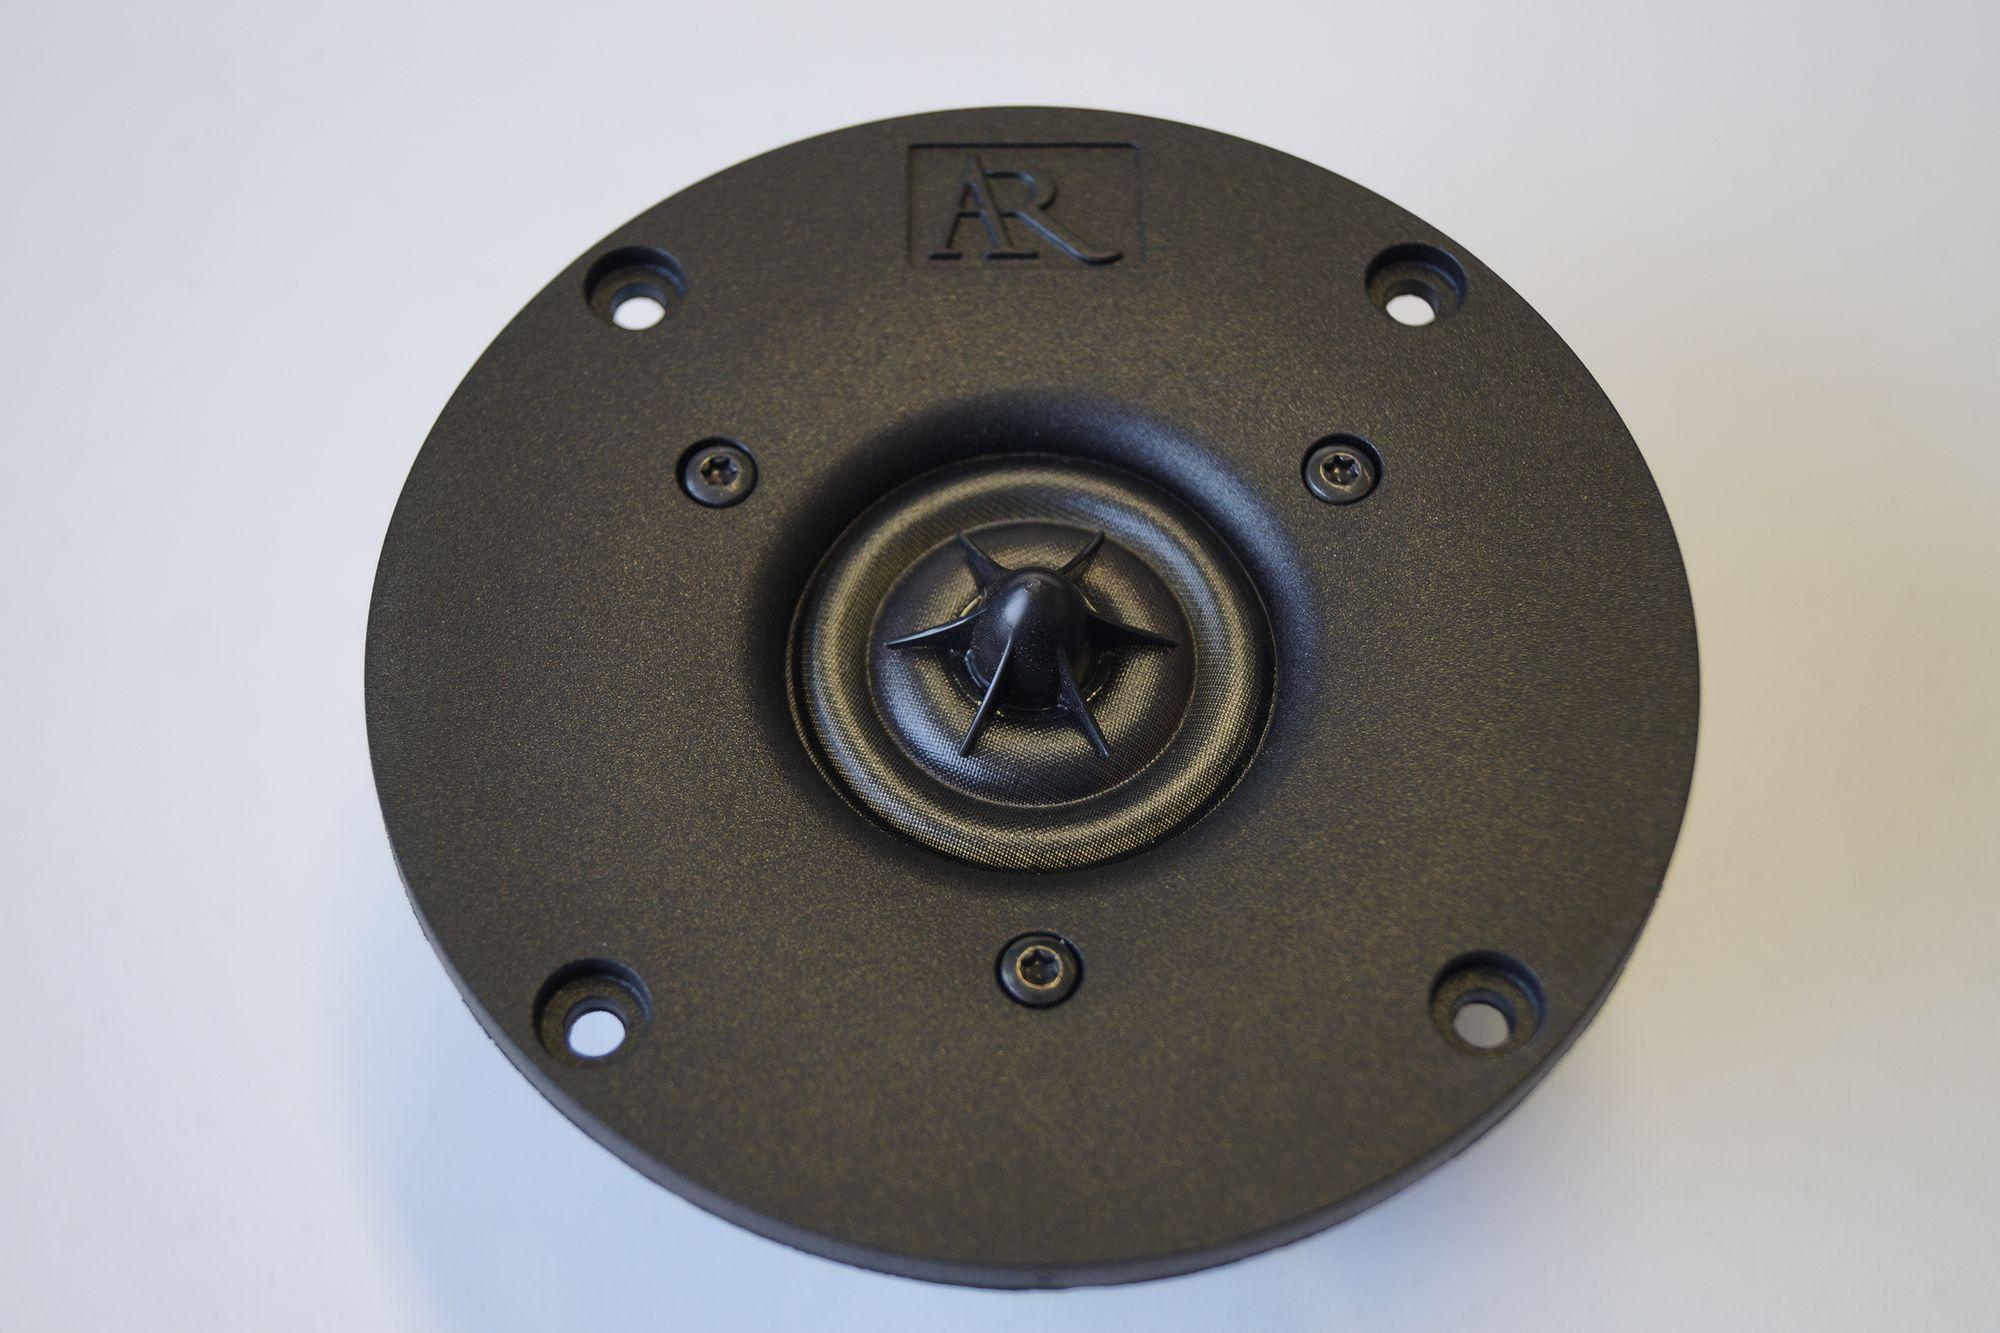 1 Stück 38 mm Ringradiator Vifa XT 25BG51-04 High End Hochtöner – Bild 1